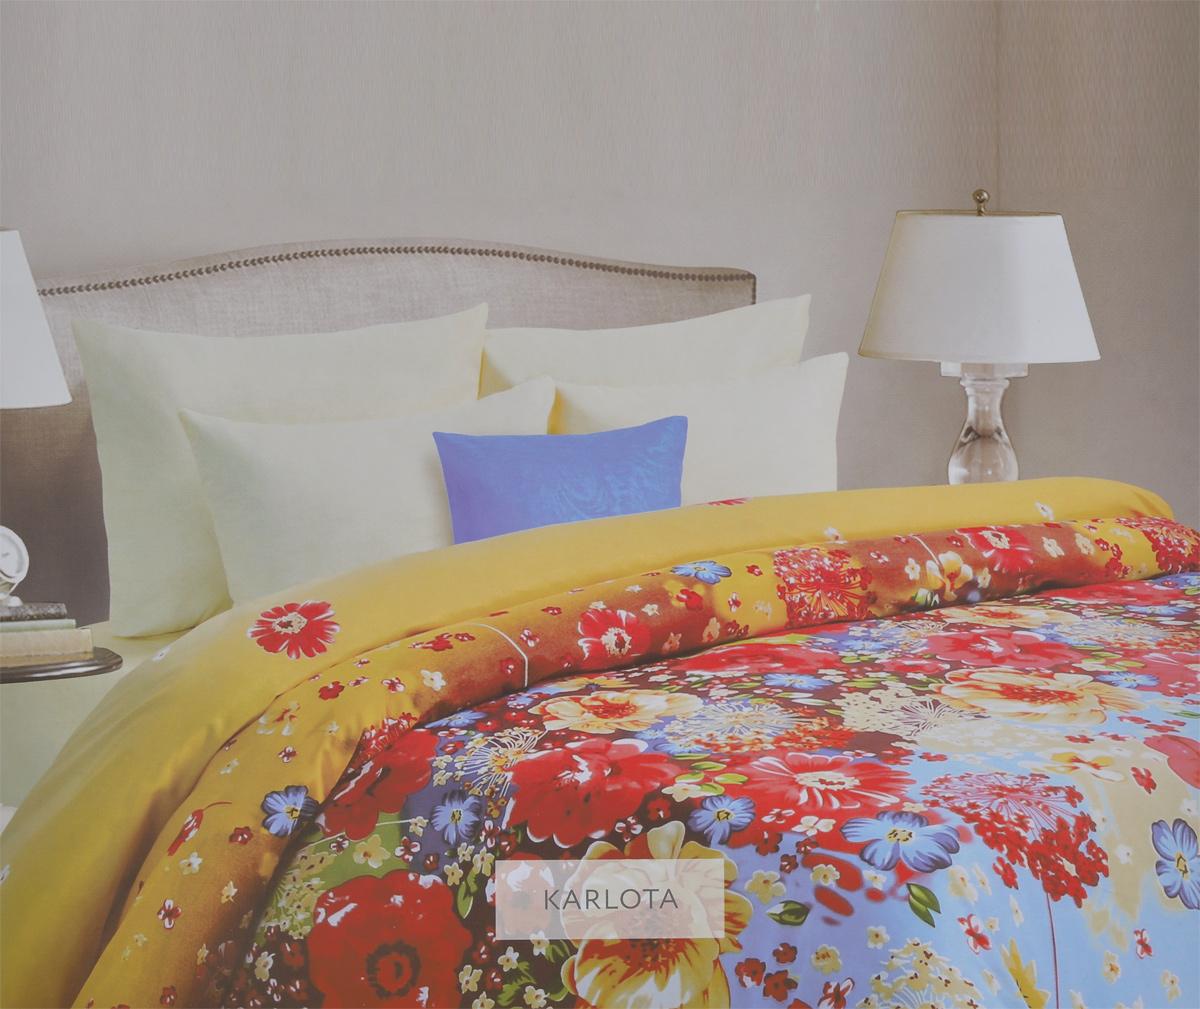 Комплект белья Mona Liza Karlota, 1,5-спальный, наволочки 50х70. 561116/5CLP446Комплект белья Mona Liza Karlota, выполненный из батиста (100% хлопок), состоит из пододеяльника, простыни и двух наволочек. Изделия оформлены ярким цветочным рисунком. Батист - тонкая, легкая натуральная ткань полотняного переплетения. Батист, несомненно, является одной из самых аристократичных и совершенных тканей. Он отличается нежностью, трепетной утонченностью и изысканностью. Ткань с незначительной сминаемостью, хорошо сохраняющая цвет при стирке, легкая, с прекрасными гигиеническими показателями. Рекомендации по уходу: - Ручная и машинная стирка 40°С, - Гладить при температуре не более 150°С, - Не использовать хлорсодержащие средства, - Щадящая сушка, - Не подвергать химчистке.